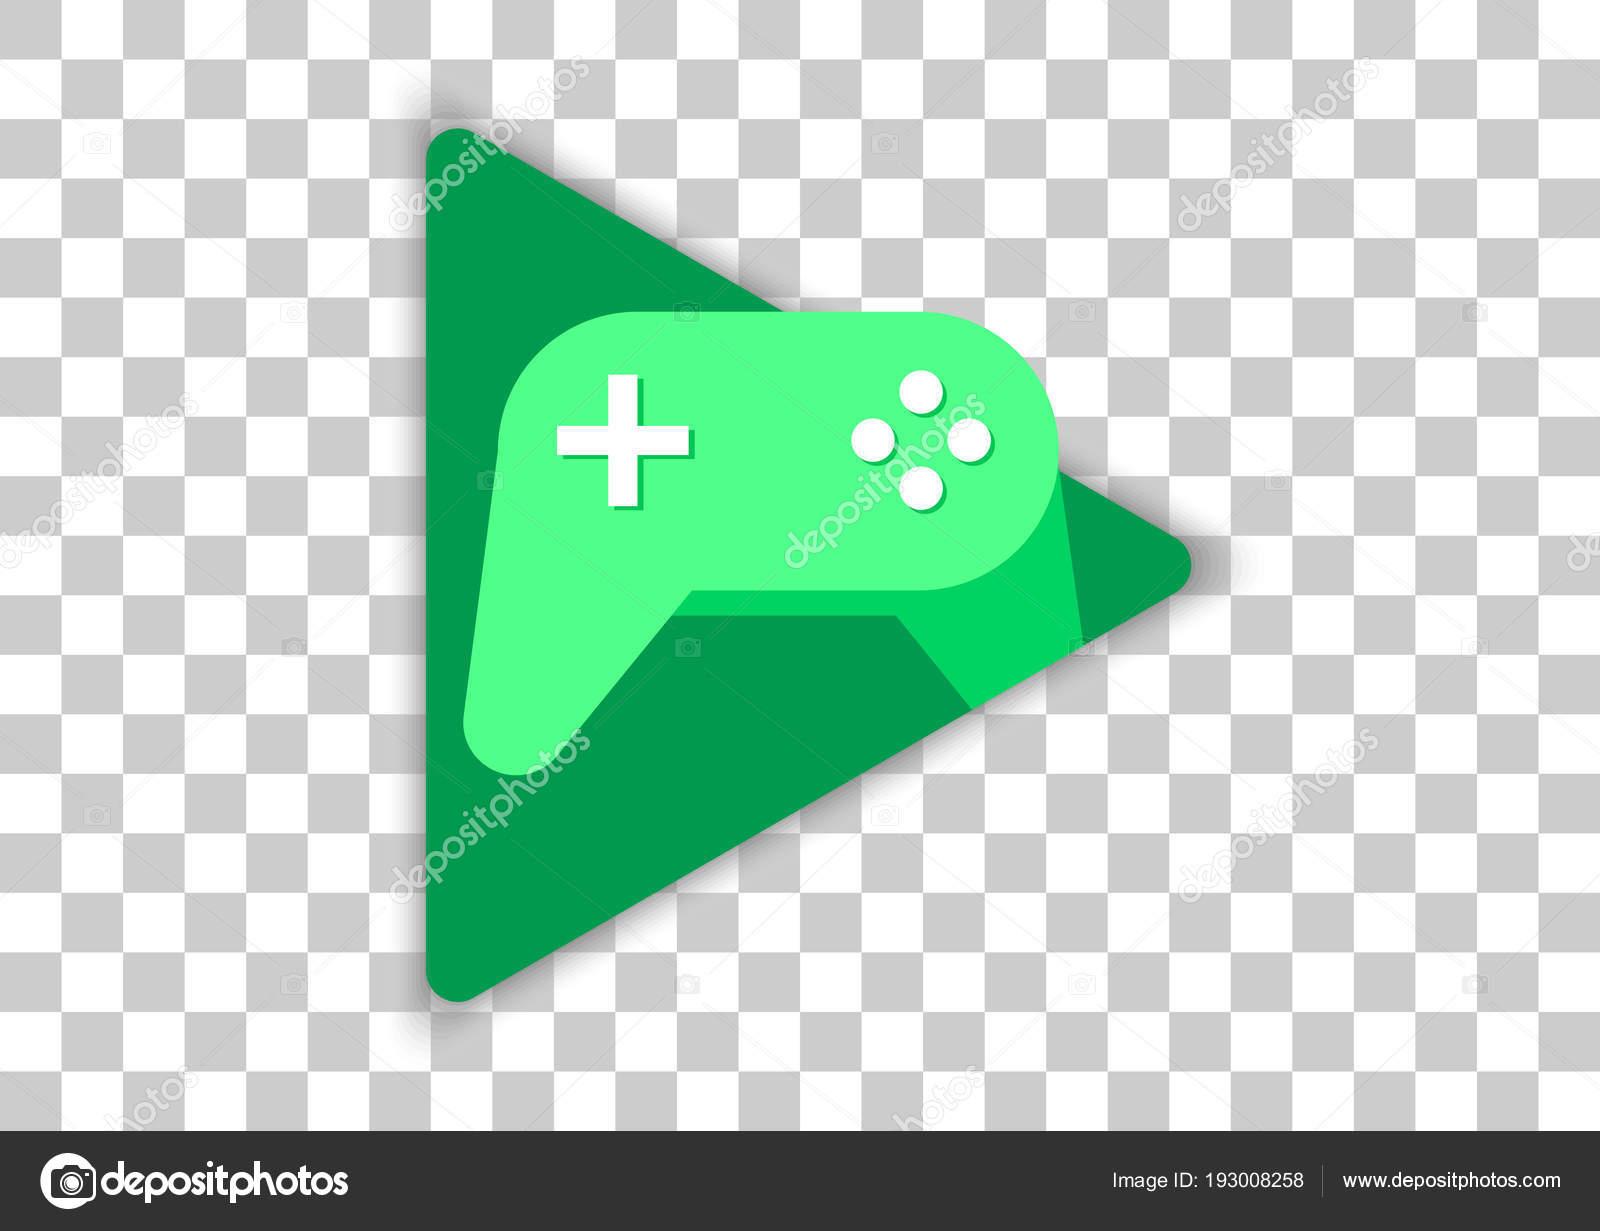 Play Juegos Icono Google Juegos Diseno Icono Aplicacion Movil